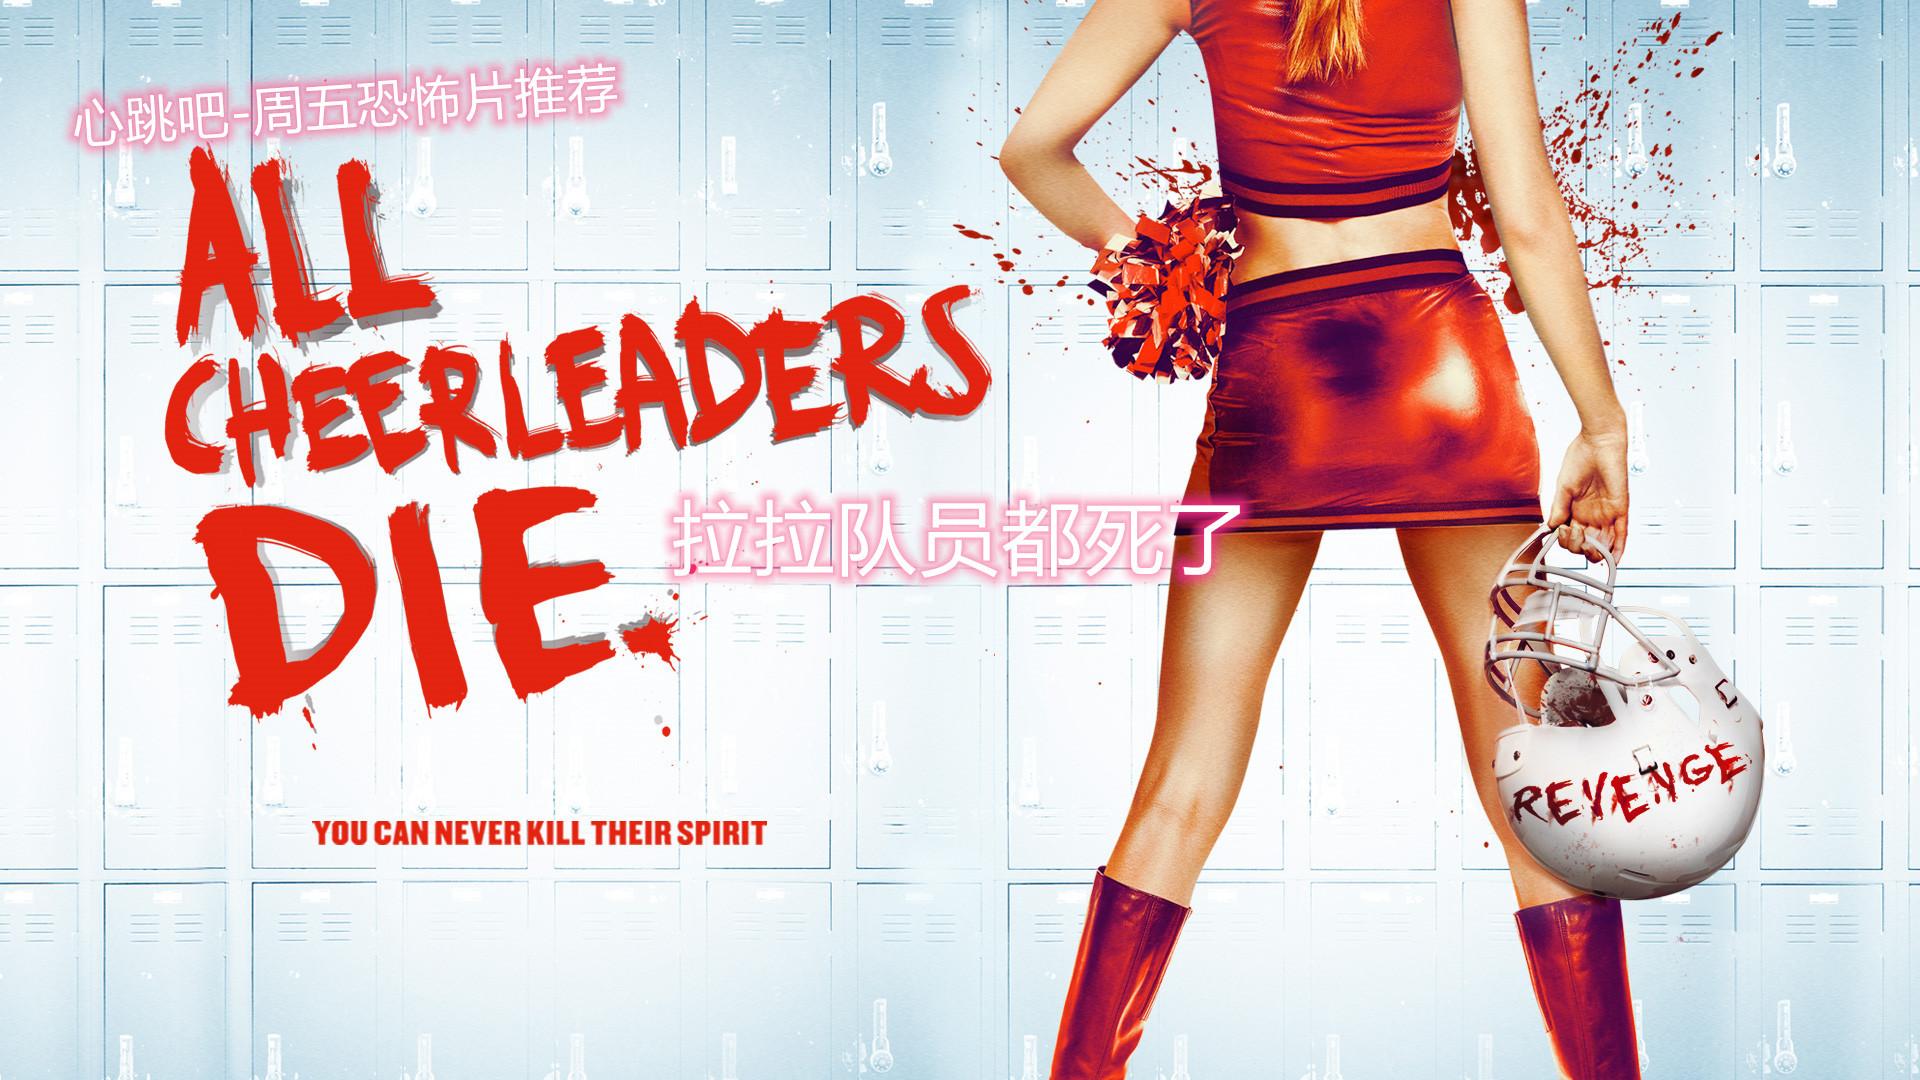 周五恐怖片推荐:《拉拉队员都死了》,跟美女一起畅享血浆纷飞的体验